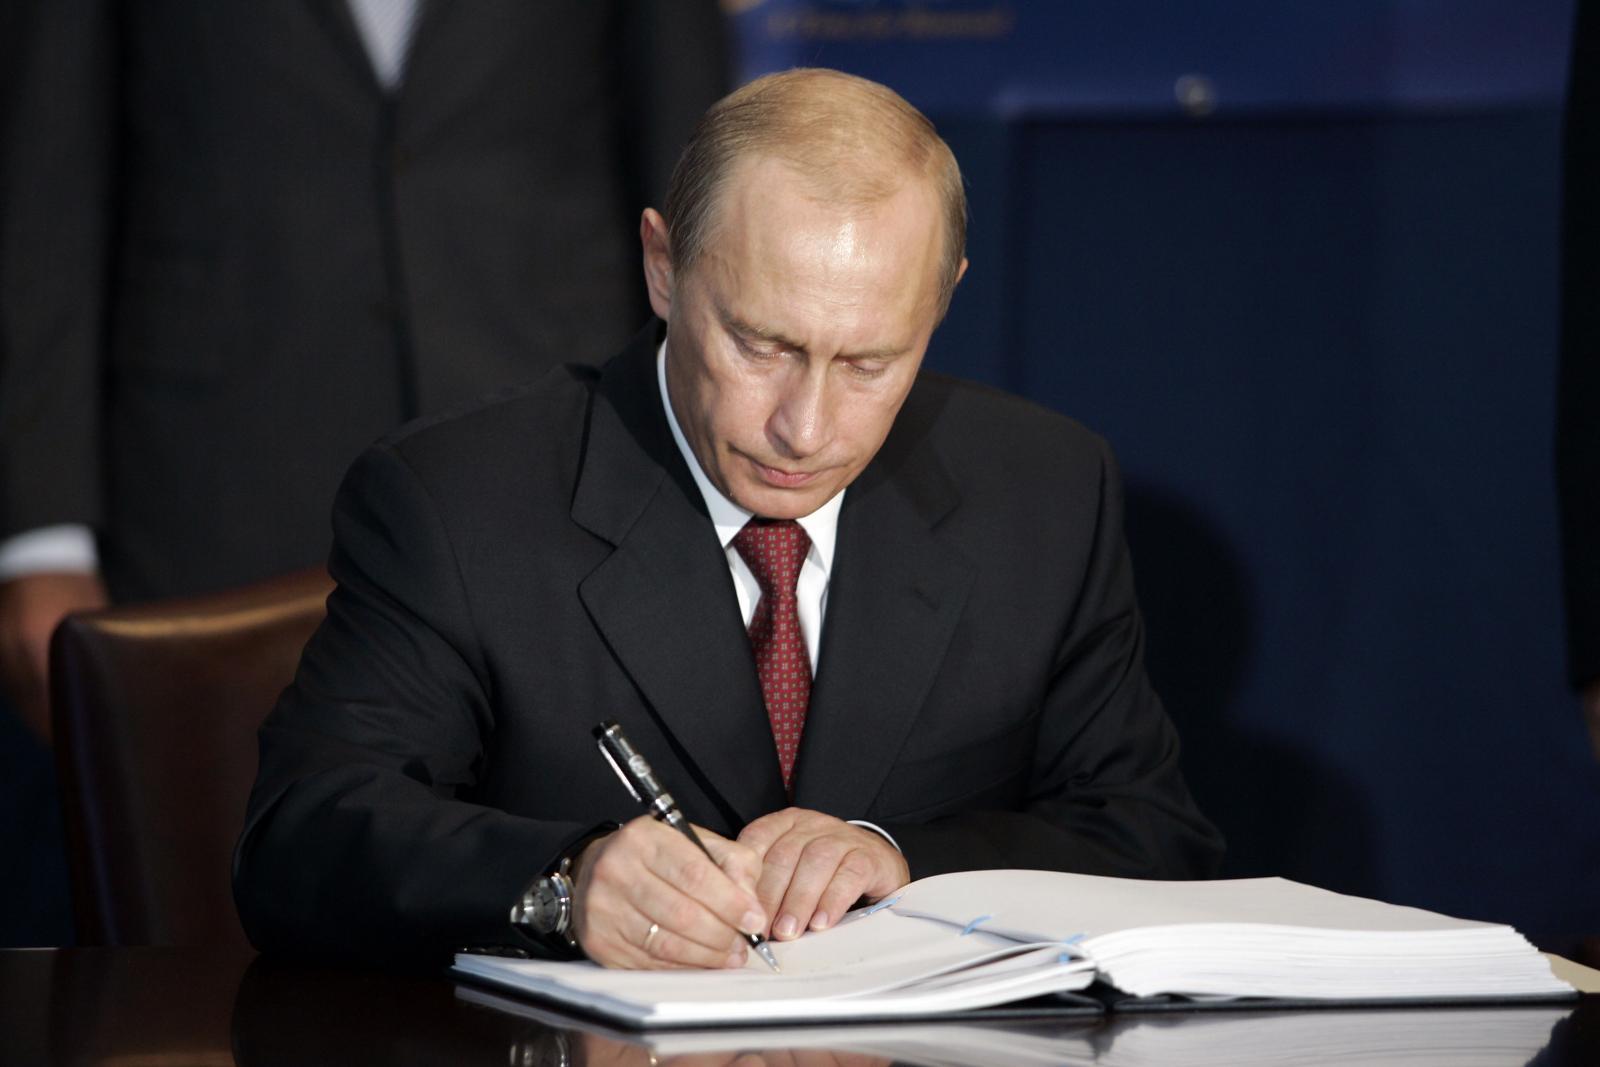 """Путин подписал закон о """"биологической безопасности"""": принудительная медицина наступает"""